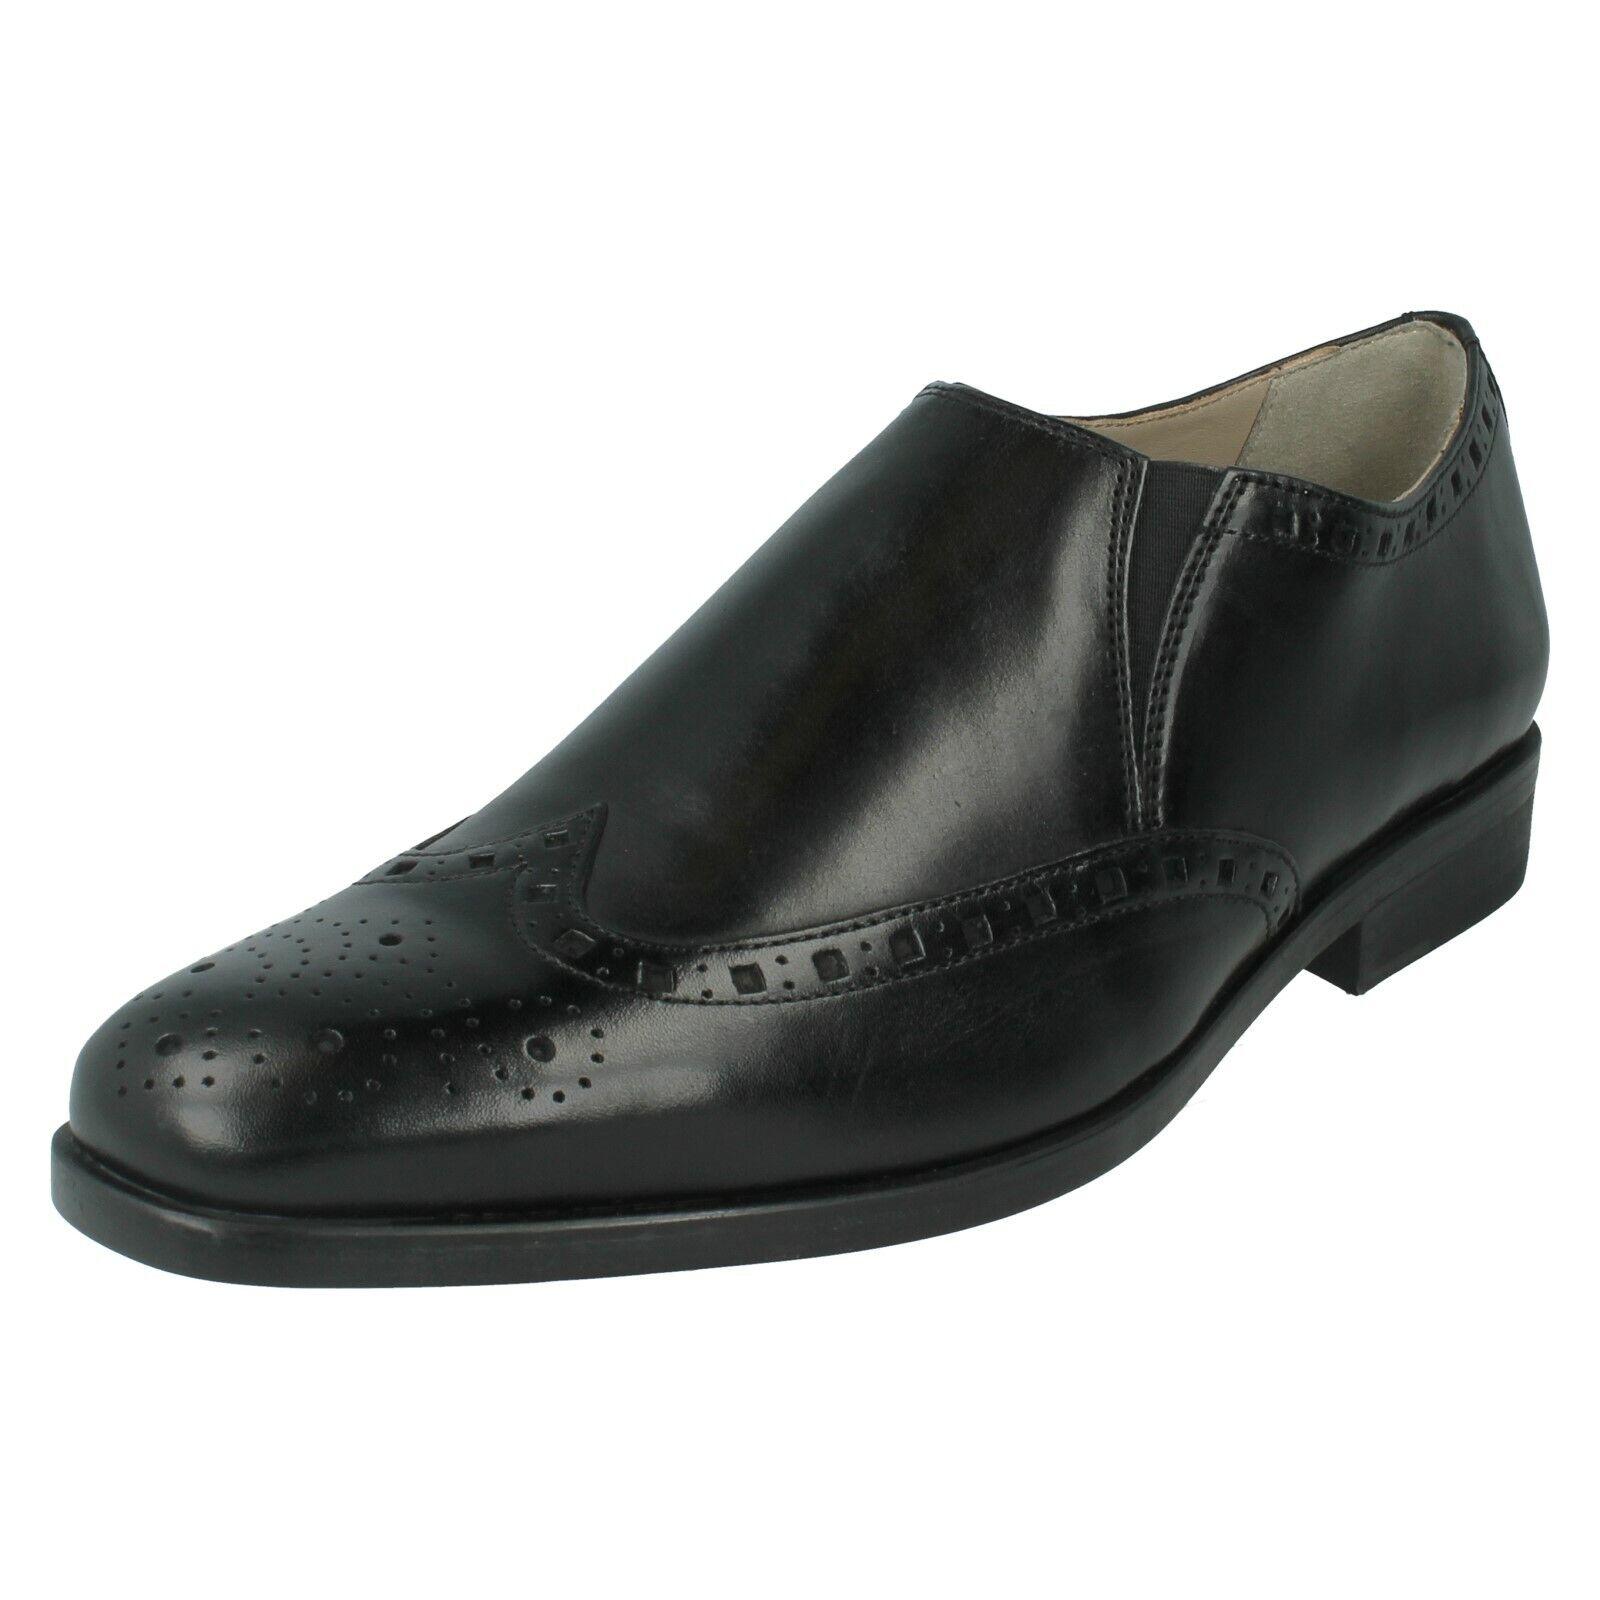 Herren Clarks Leder Formell Elastische Keil Brogues Slip On Schuhe Amieson    | Schön In Der Farbe